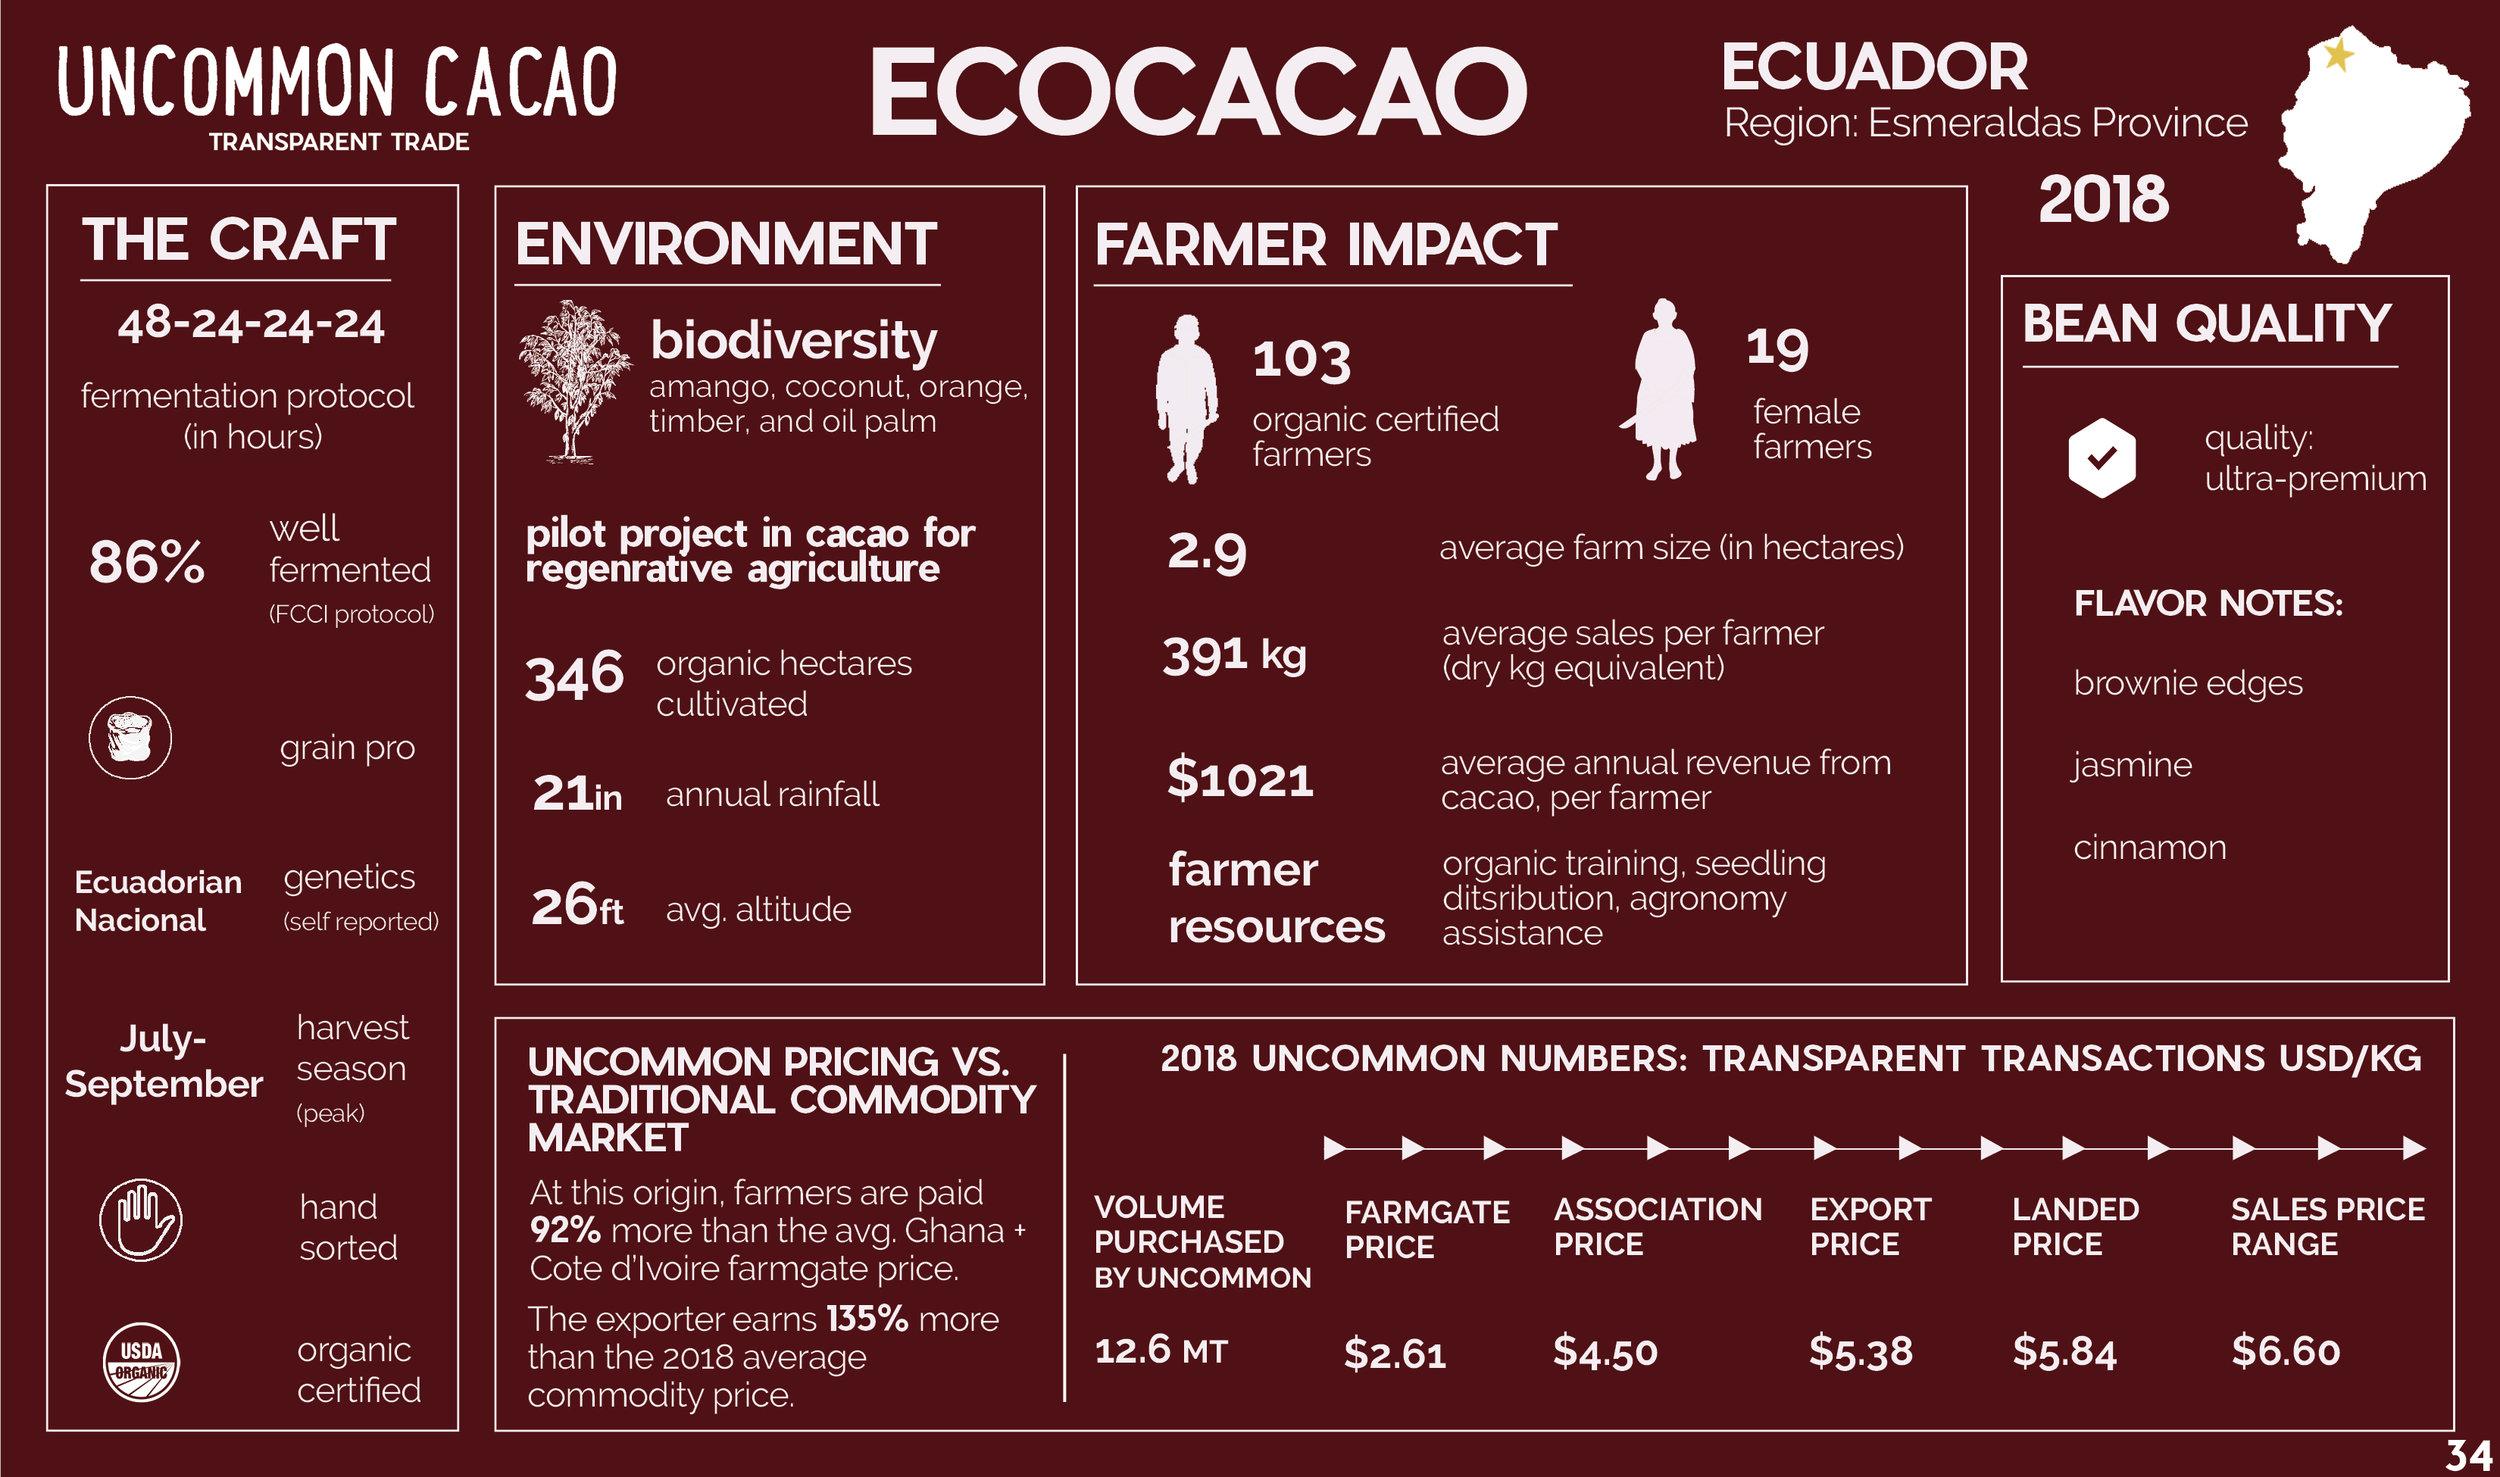 Eco Cacao.jpg